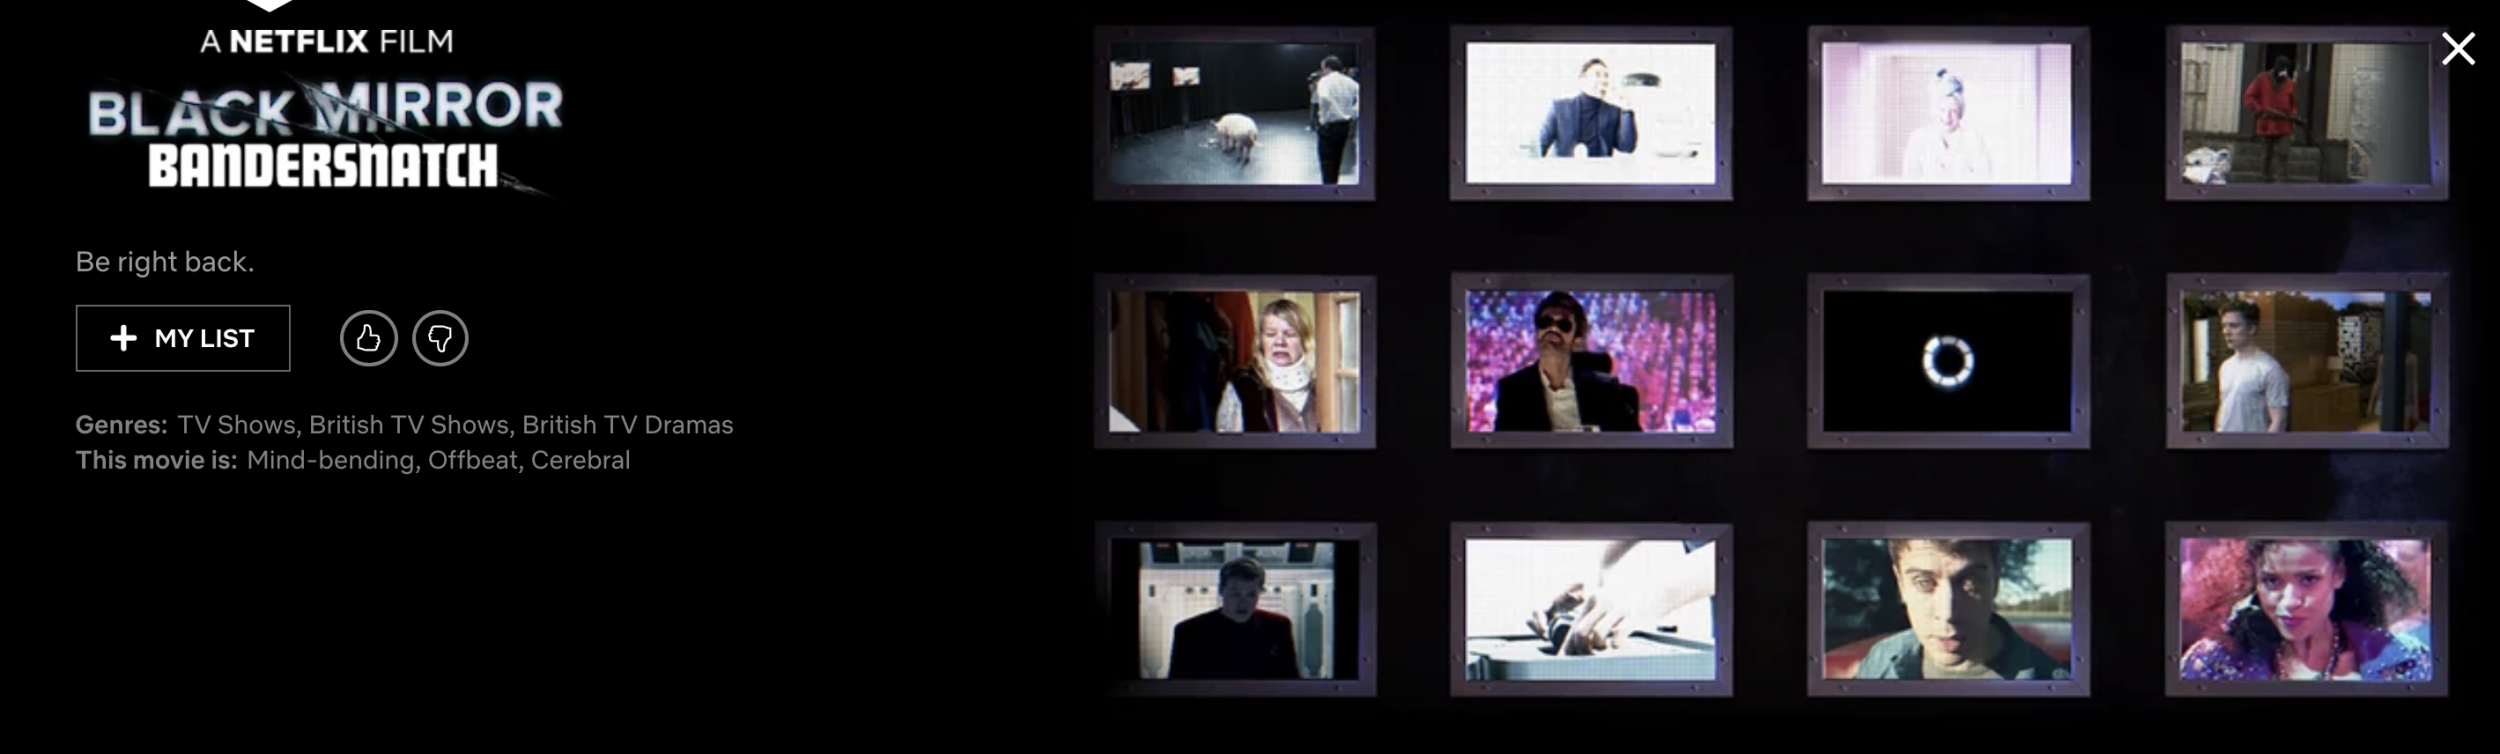 Black Mirror to release film Bandersnatch on Netflix next